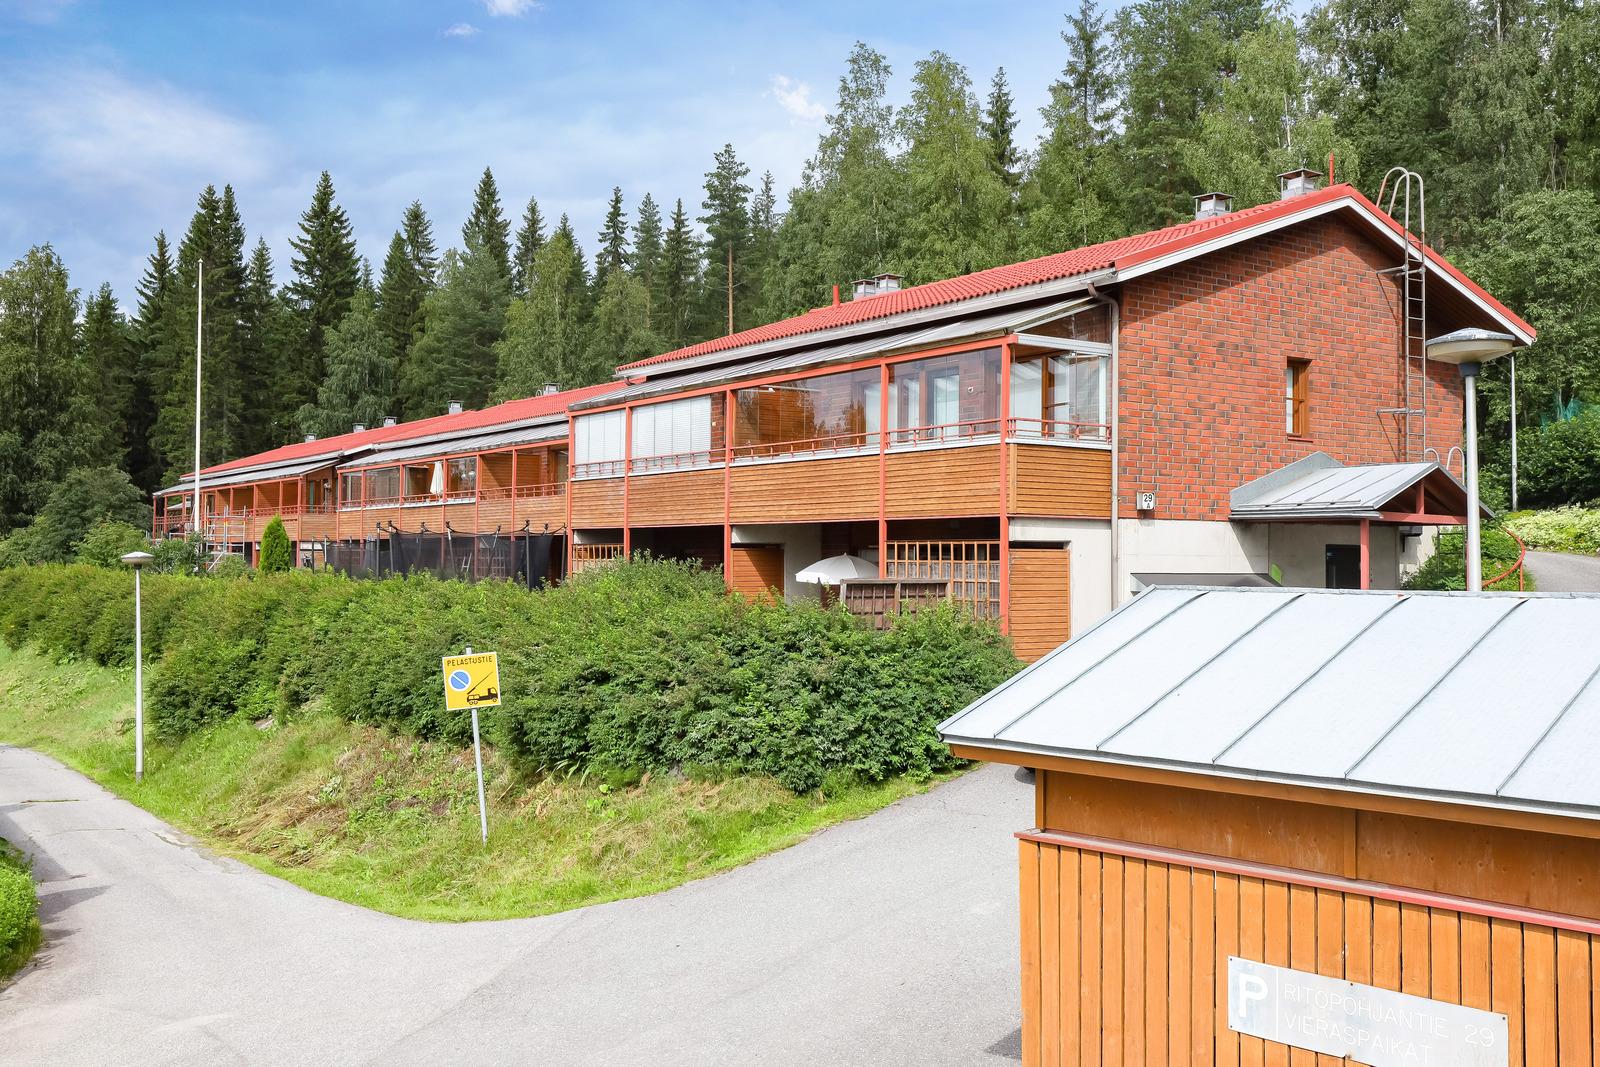 Palokka, Jyväskylä